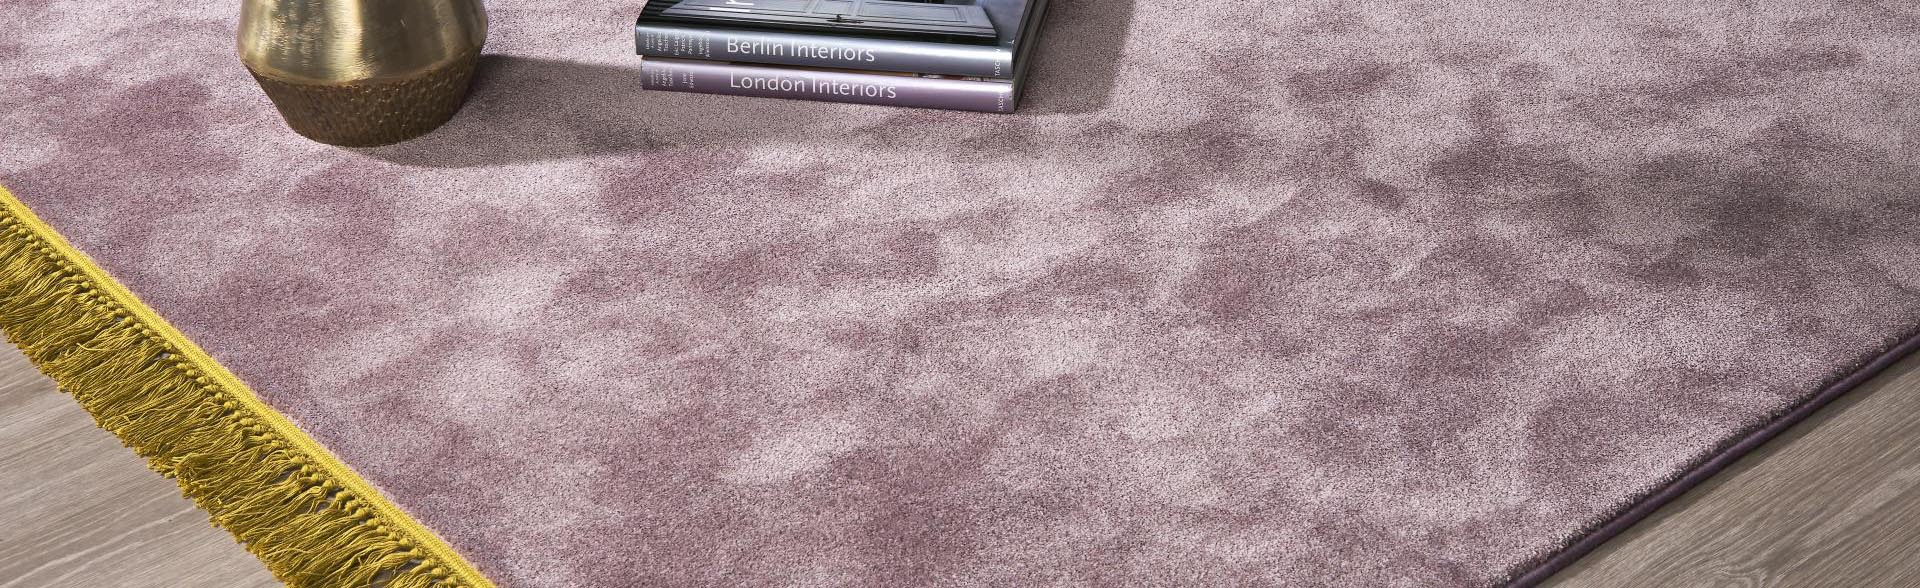 alfombras con brillos kp